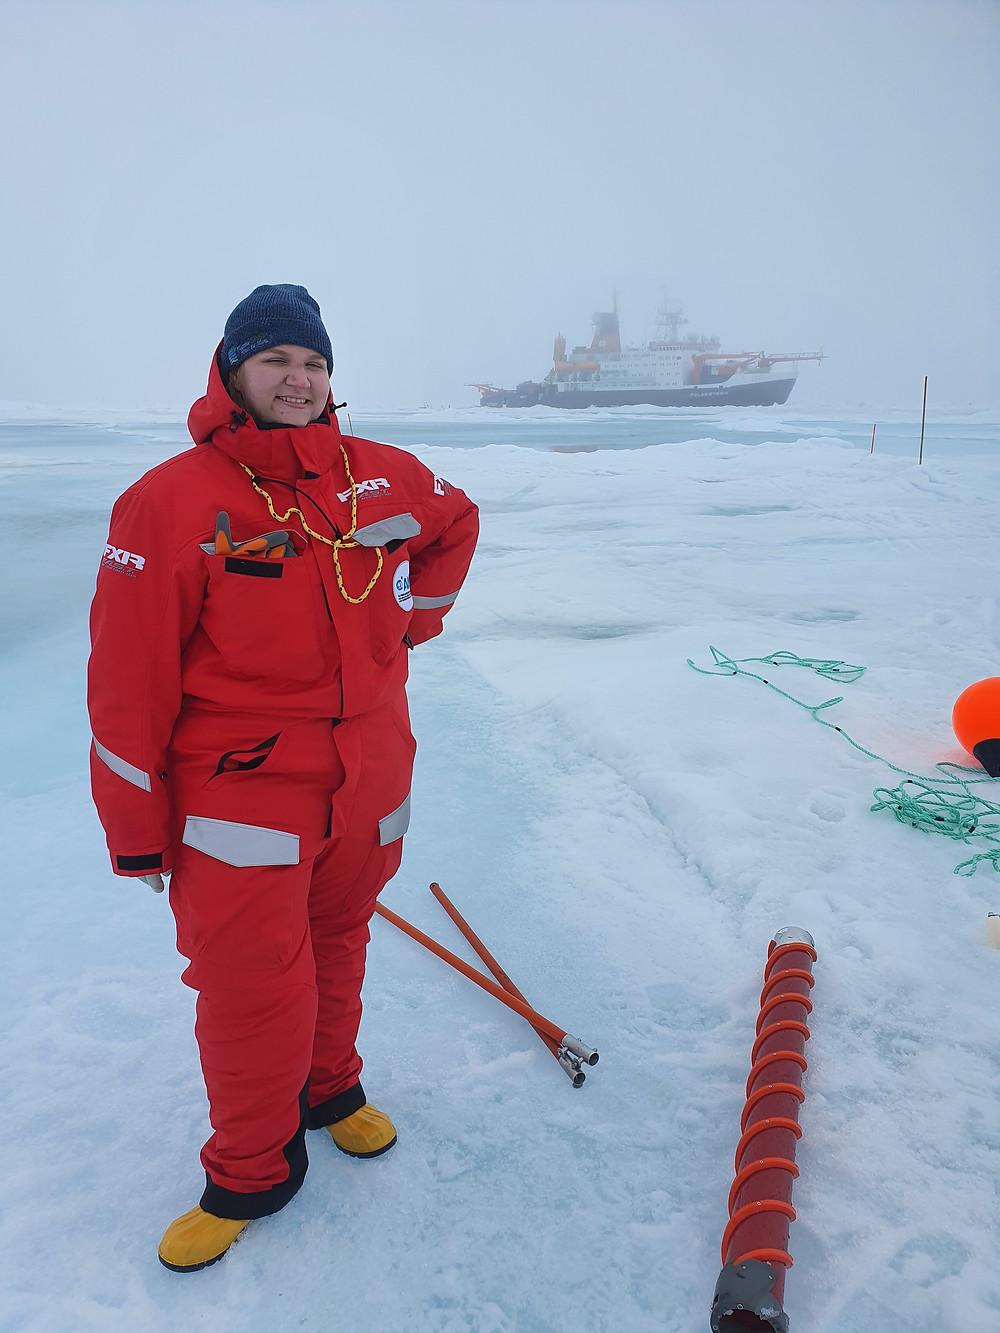 Cientista marinha sorri para a câmera usando um macacão vermelho, botas plásticas amarelas e picadores de gelo no pescoço. Ela está em pé no gelo do Oceano Atlântico Norte com equipamento de retirada de gelo ao seu redor e um navio de pesquisa ao fundo.